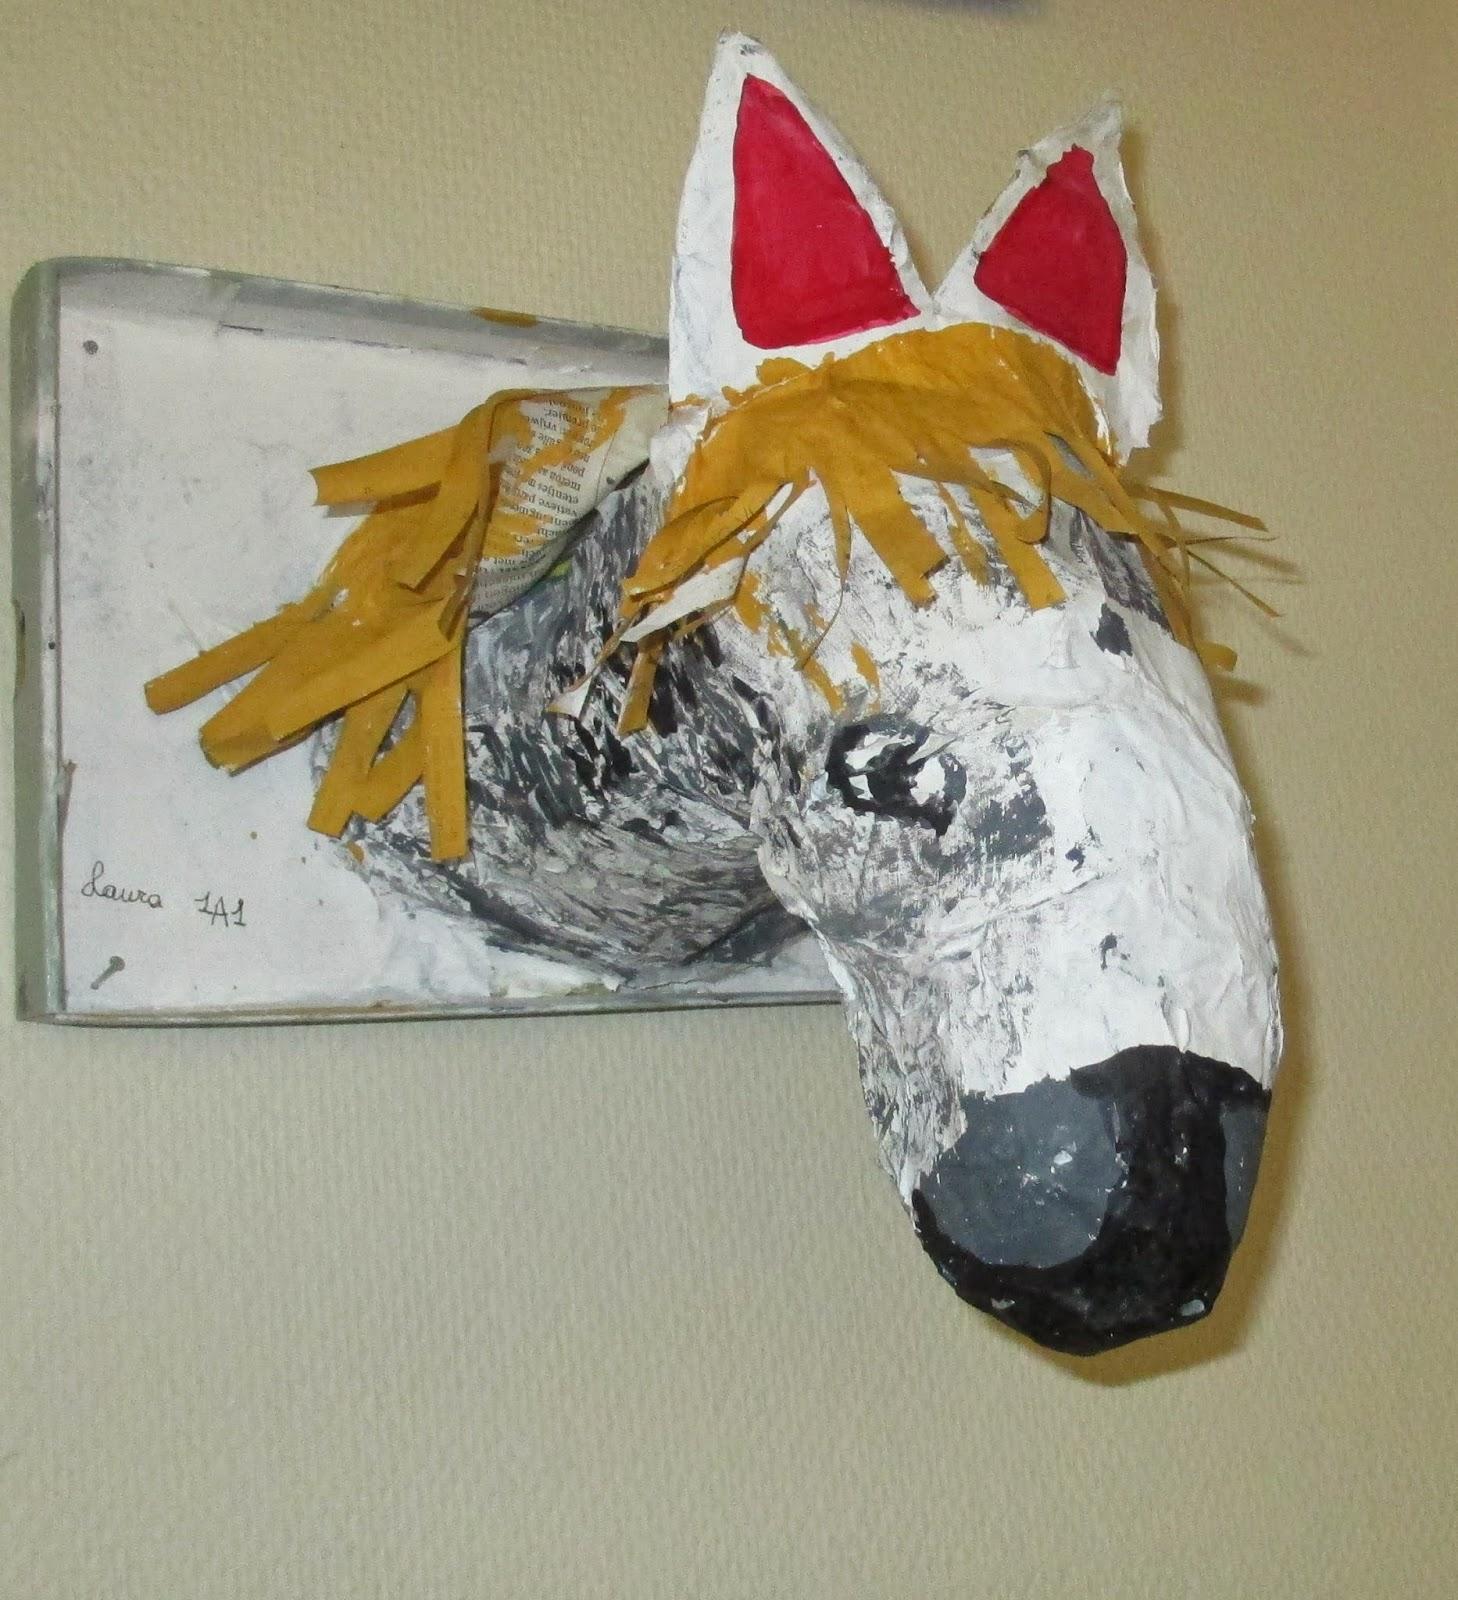 Dierenkoppen uit papier-maché met 1aso